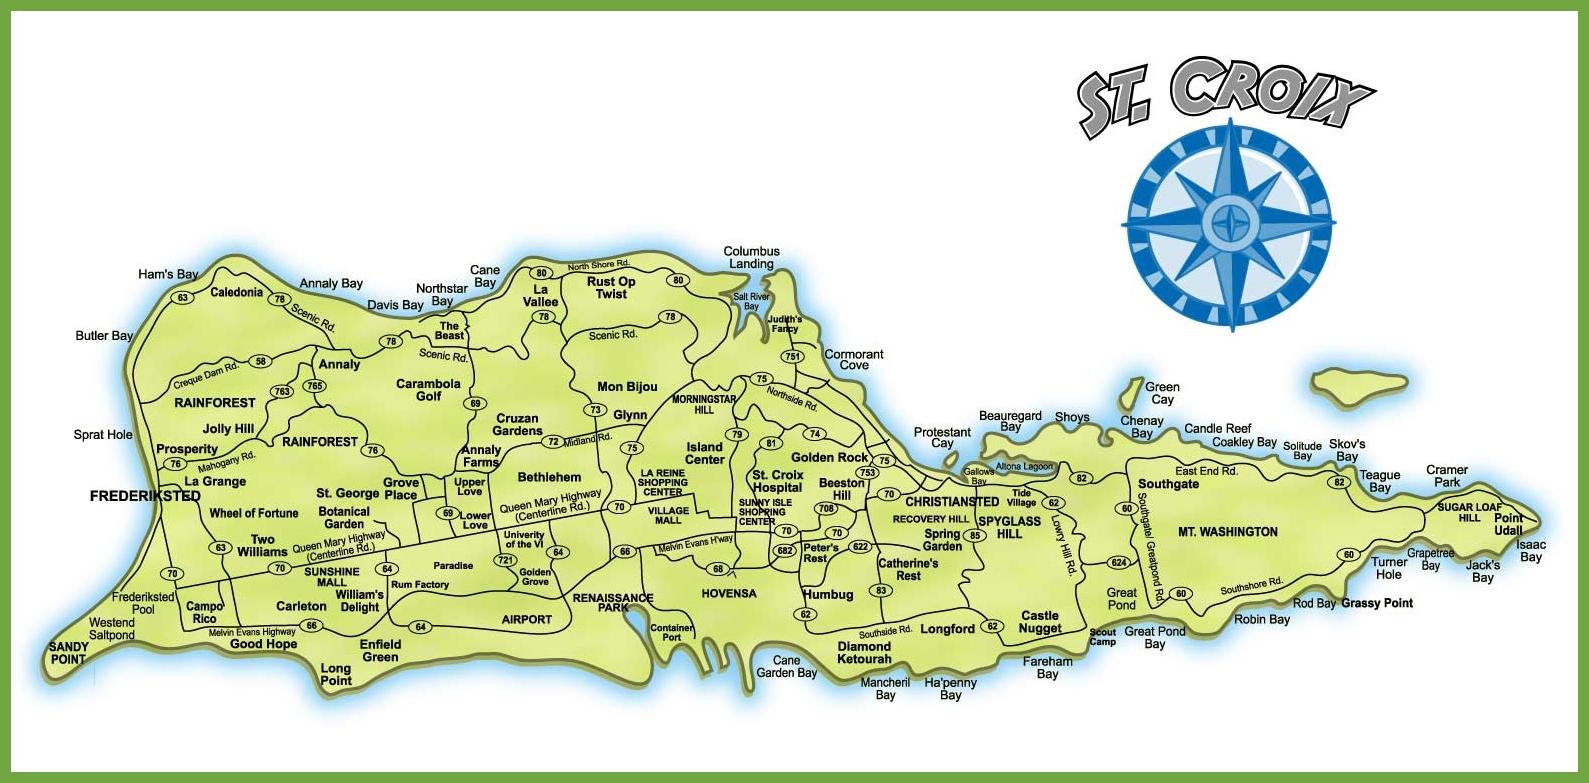 St Croix Island Map